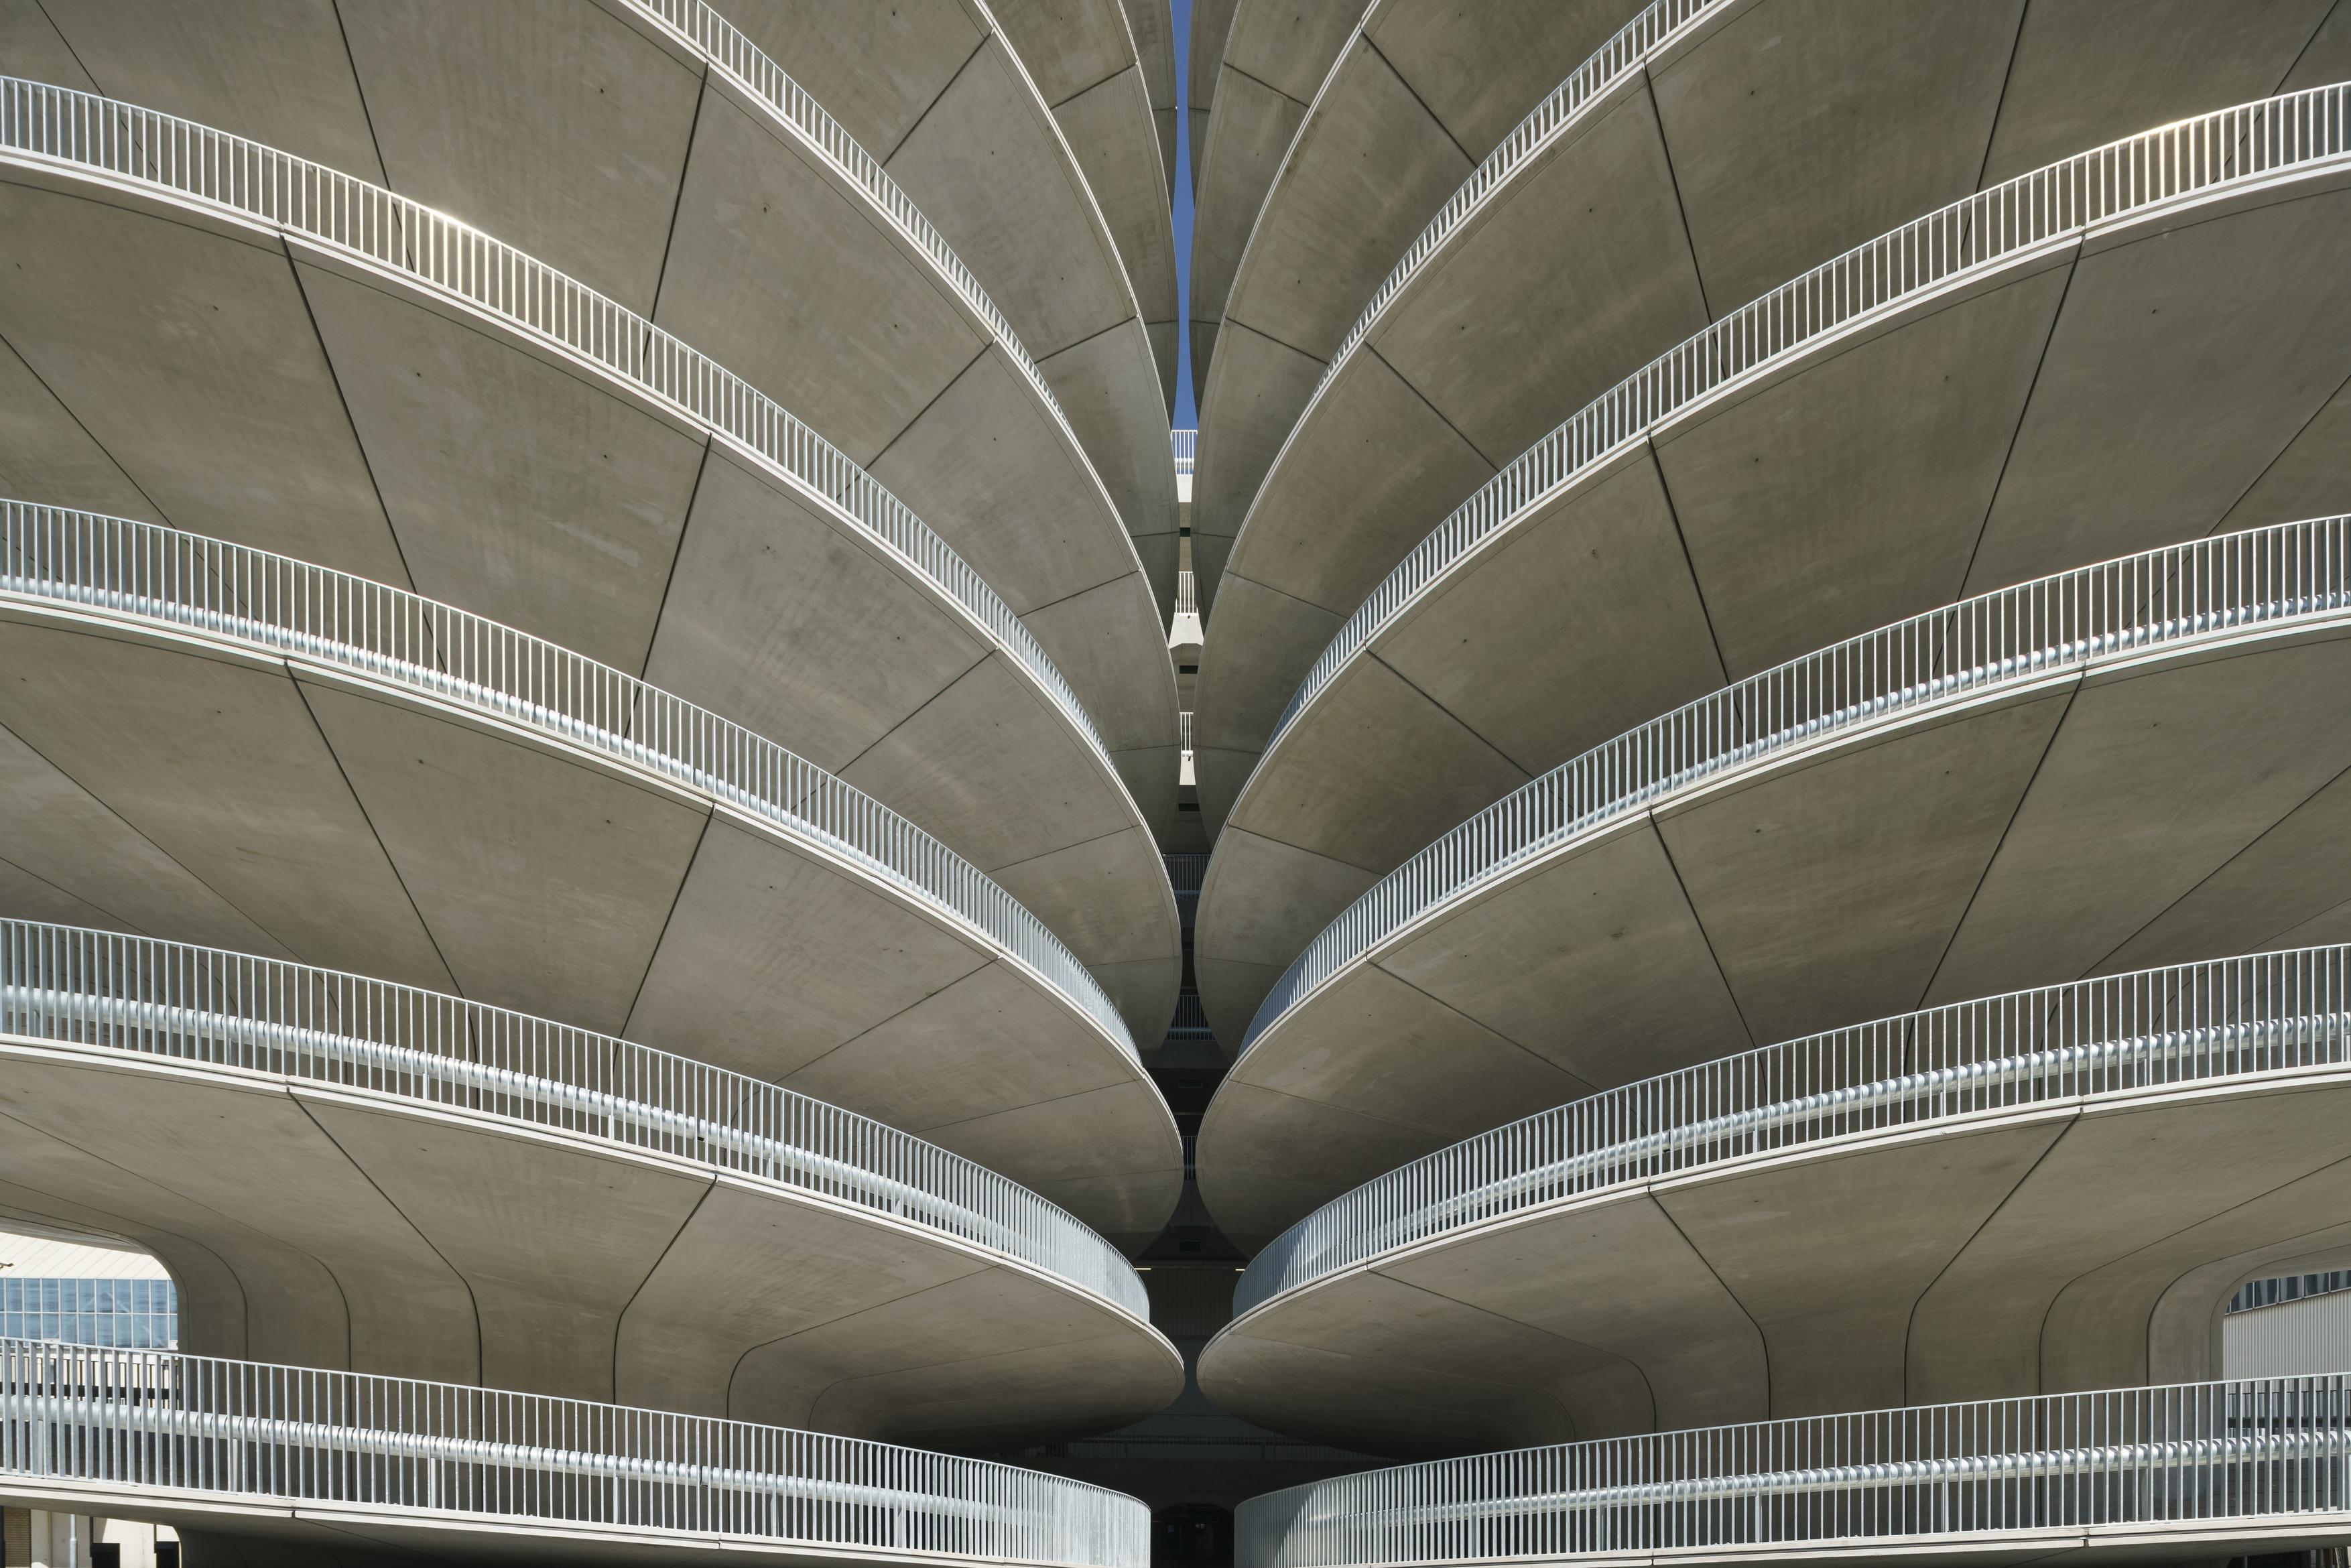 <p> De parkeergarage van de RAi in Amsterdam, een ontwerp van Benthem Crouwel Amsterdam is een van de genomineerden van de Betonprijs 2017/Utiliteitsbouw. Foto: Jannes Linders</p>